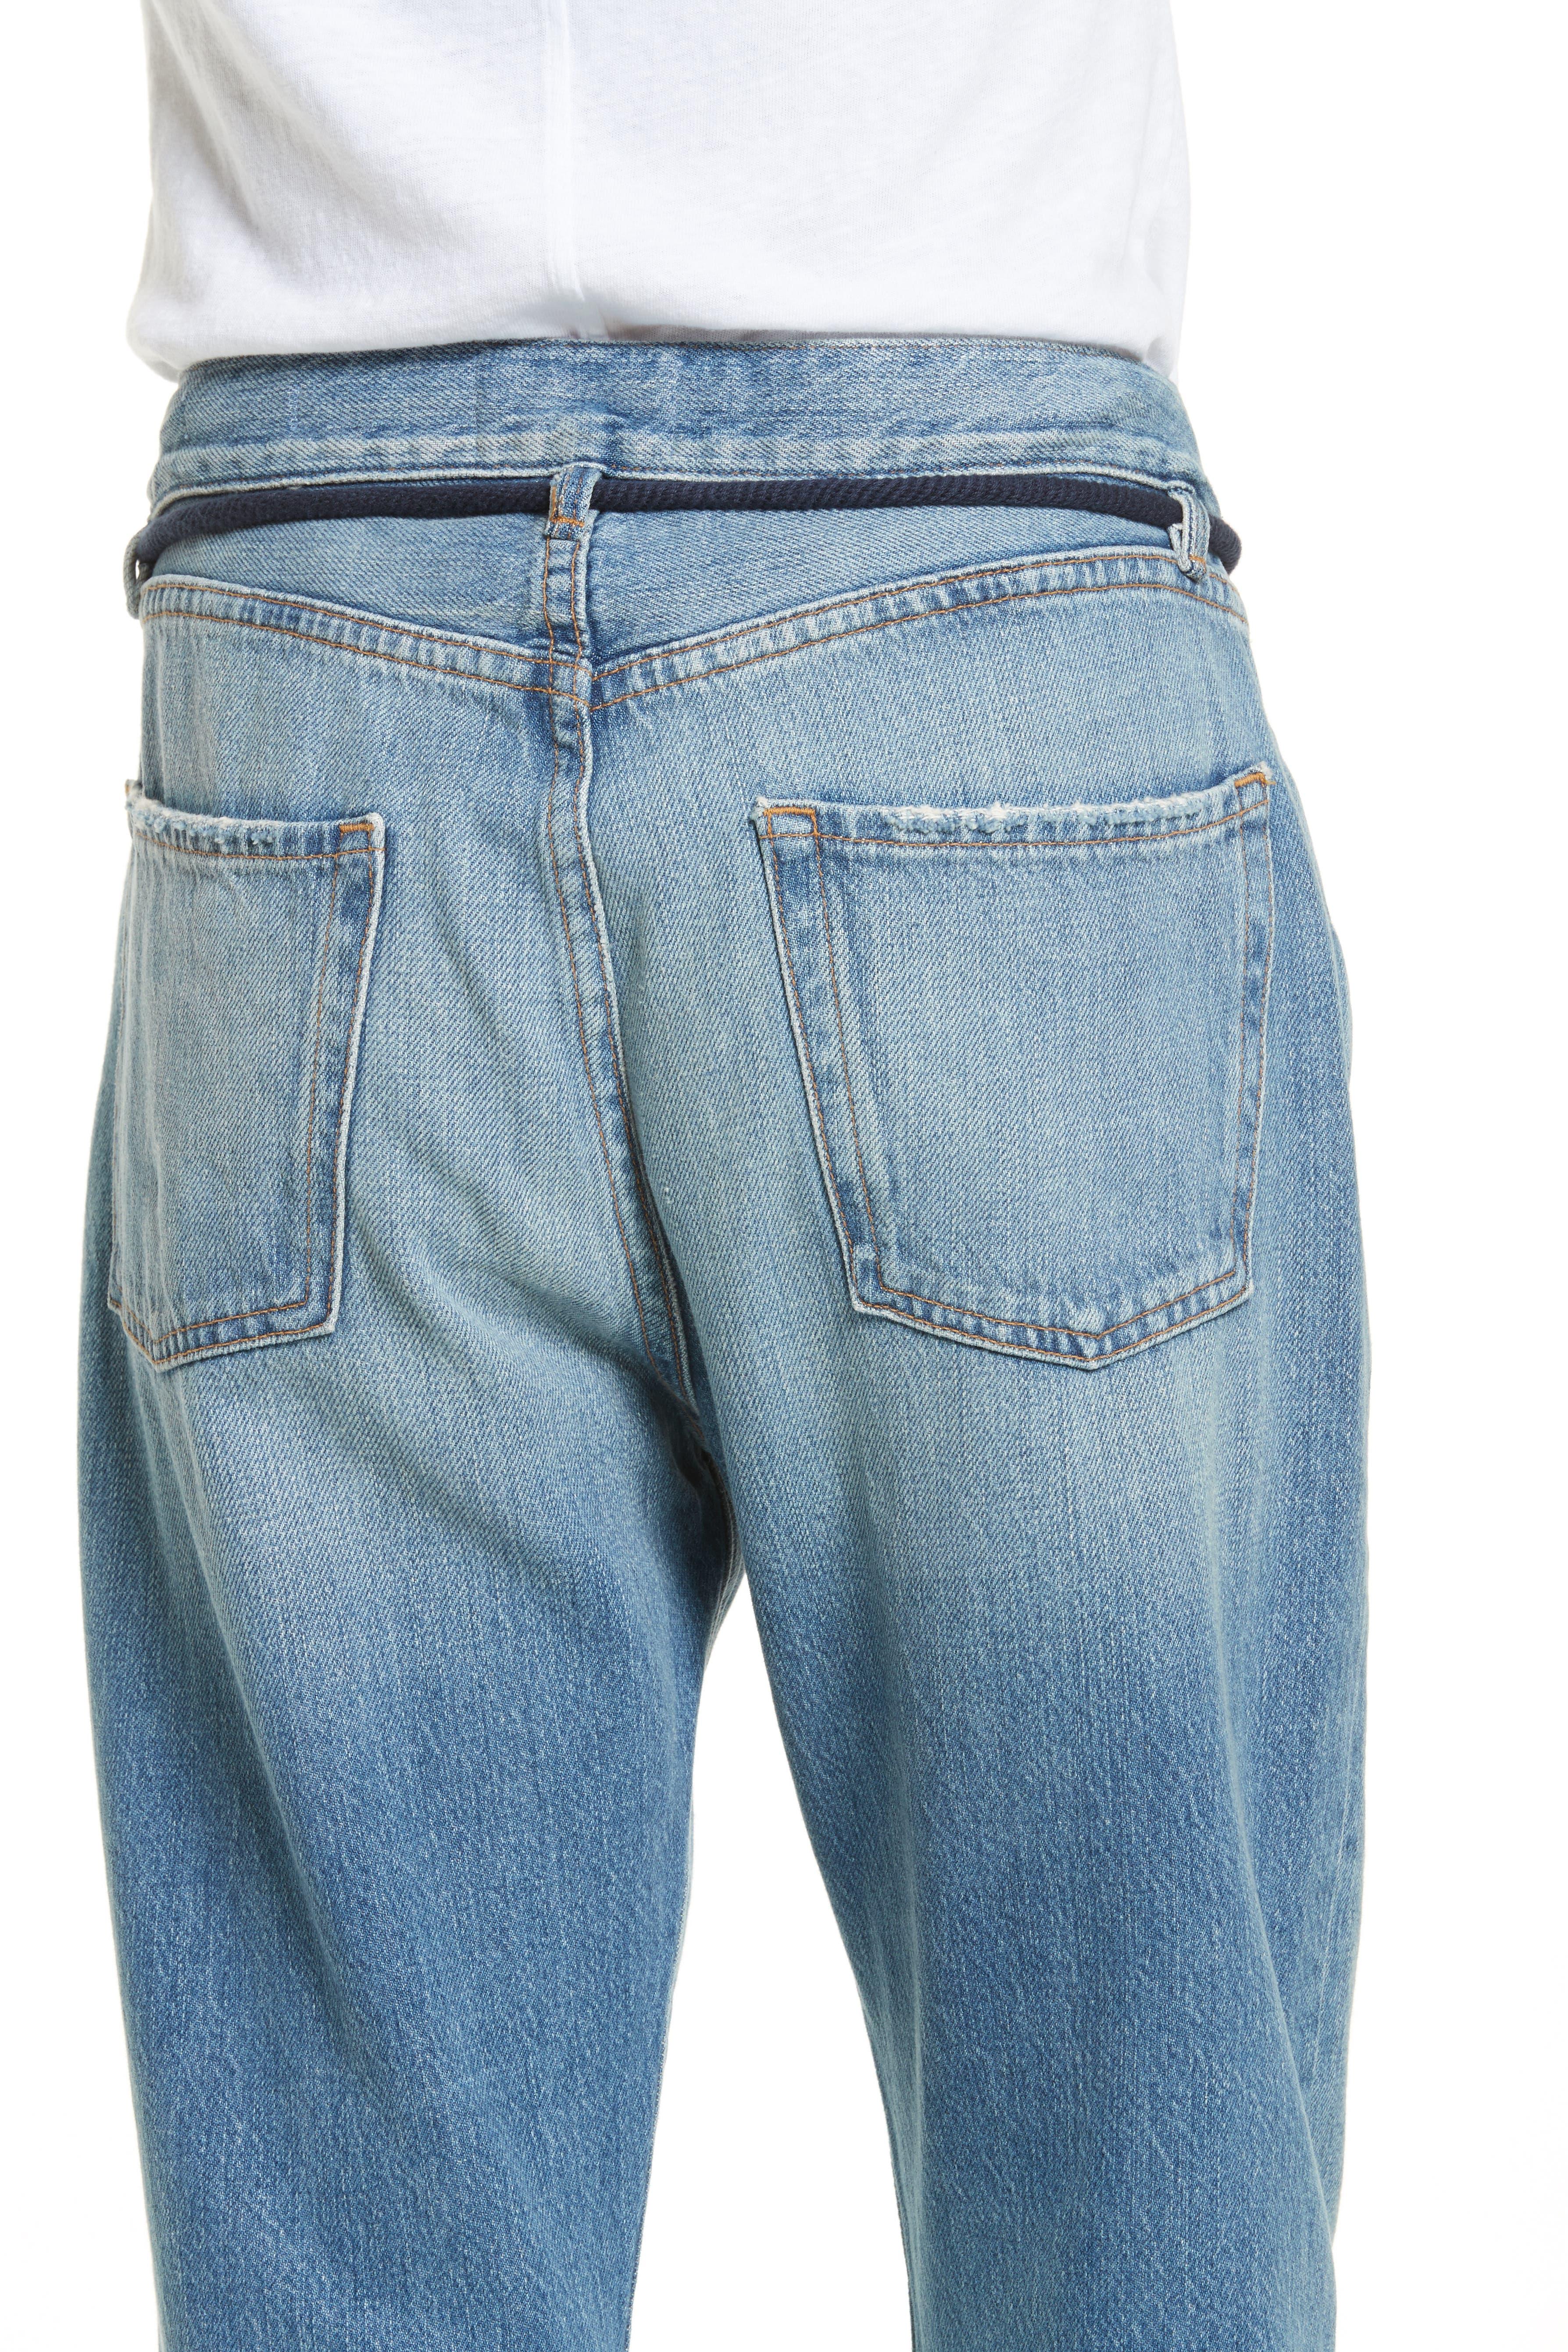 Le Original Tassel Tie High Waist Jeans,                             Alternate thumbnail 6, color,